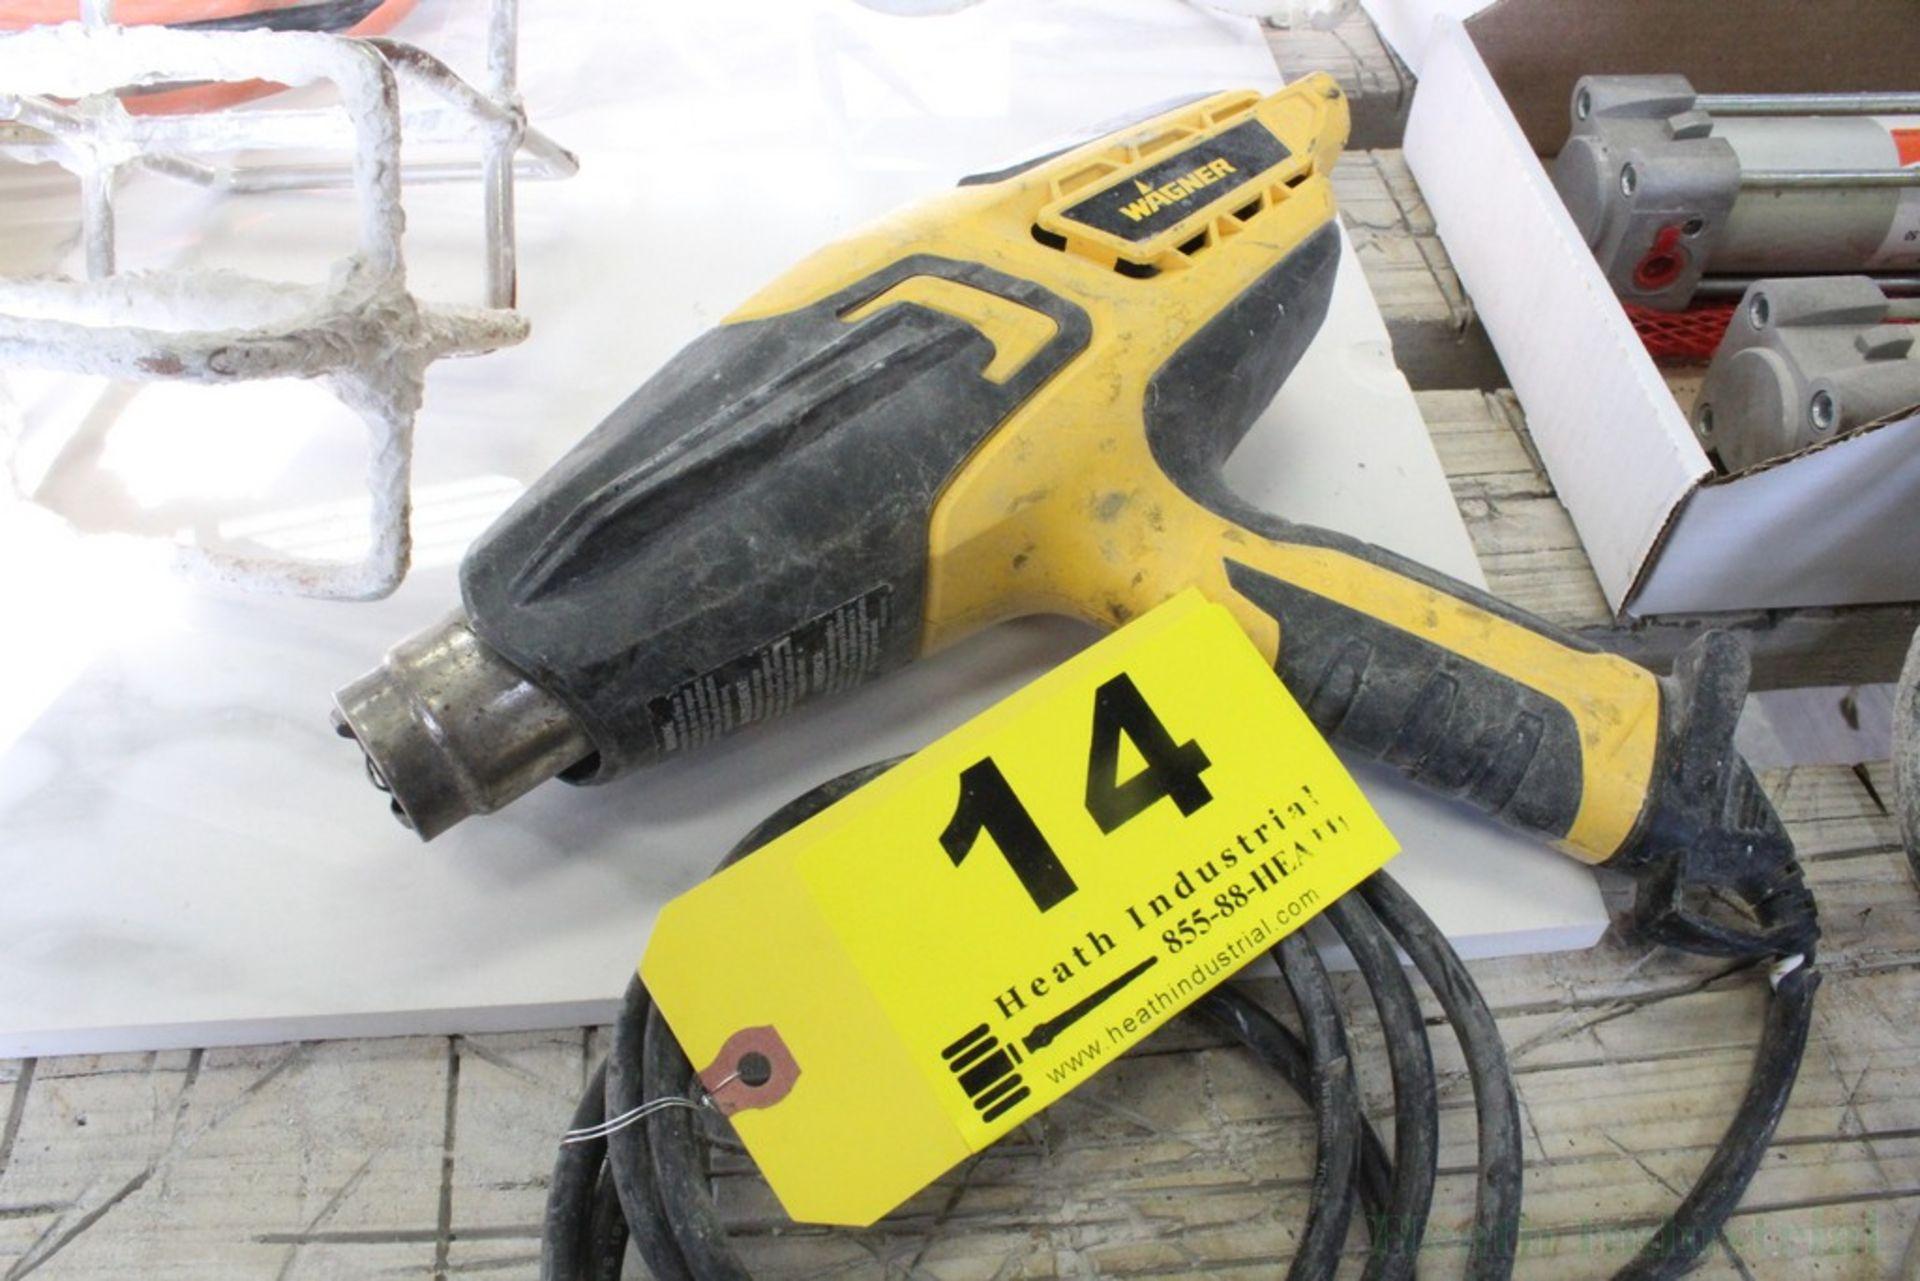 Lot 14 - WAGNER MODEL 236333 HEAT GUN